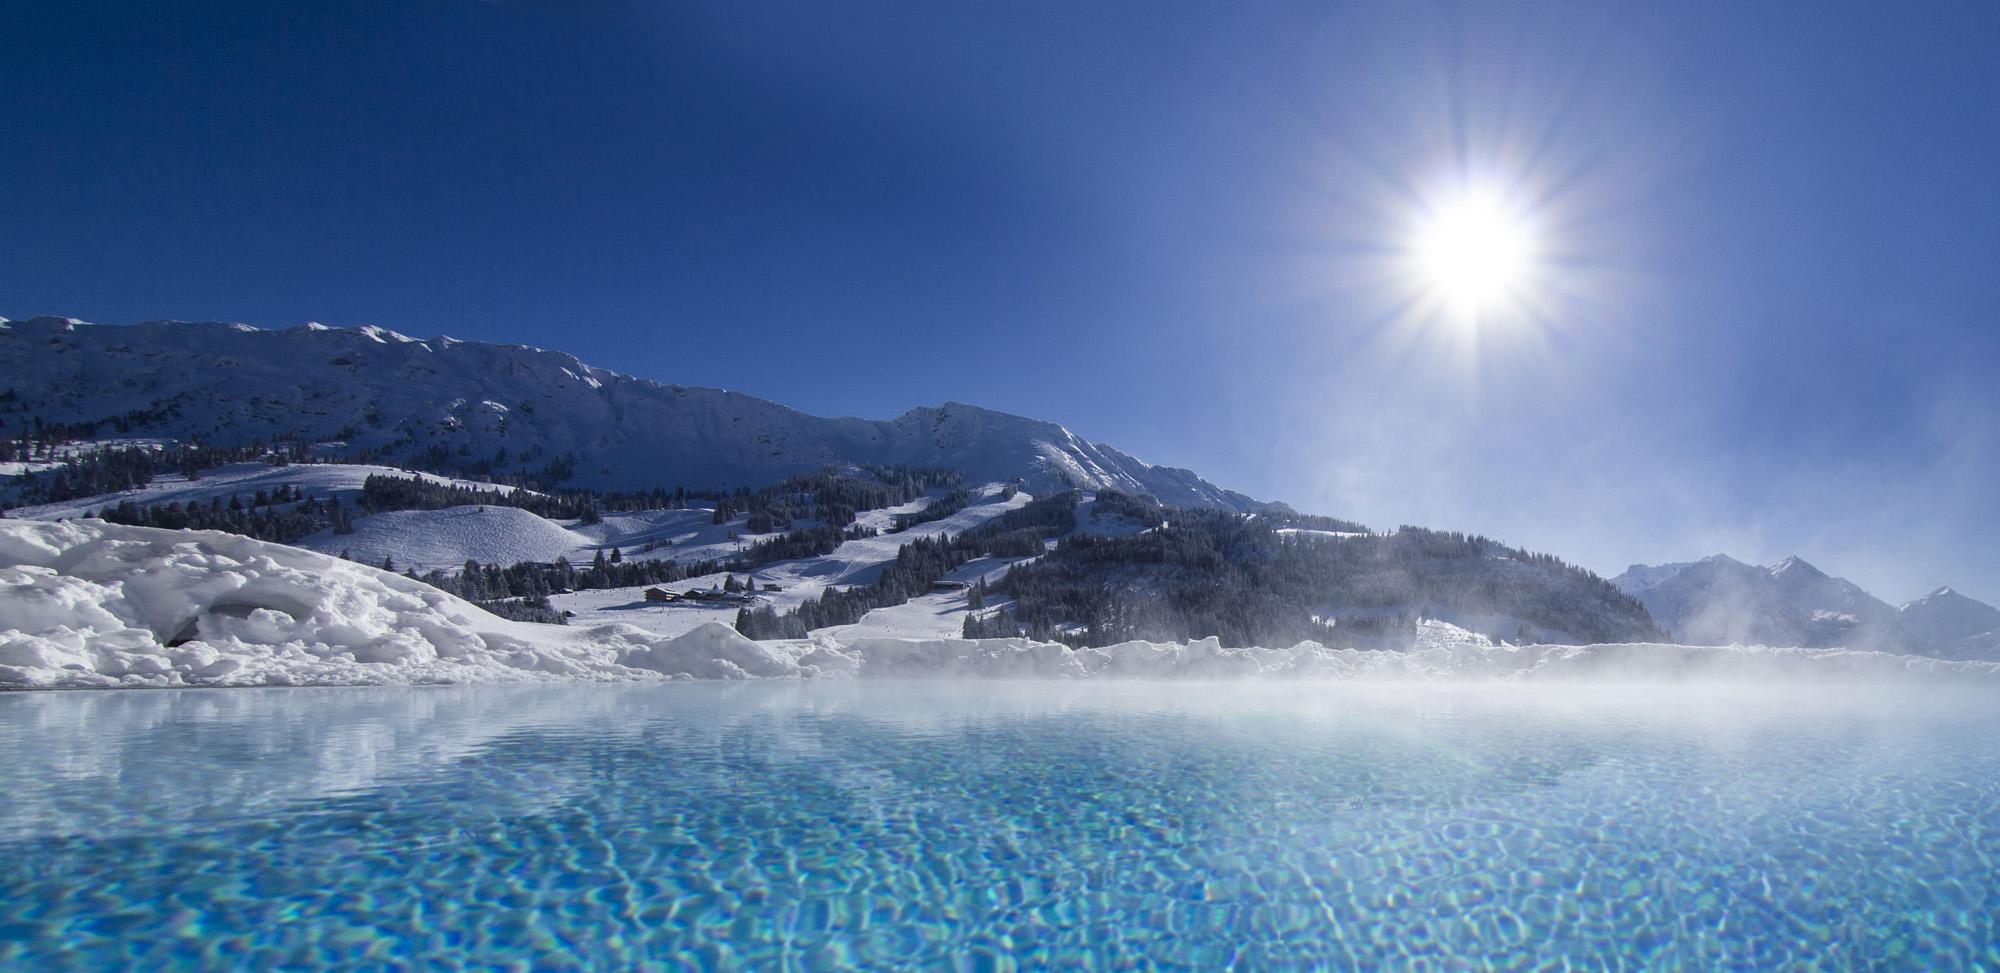 Veltmann Rinnenbecken in eisblau im Schnee